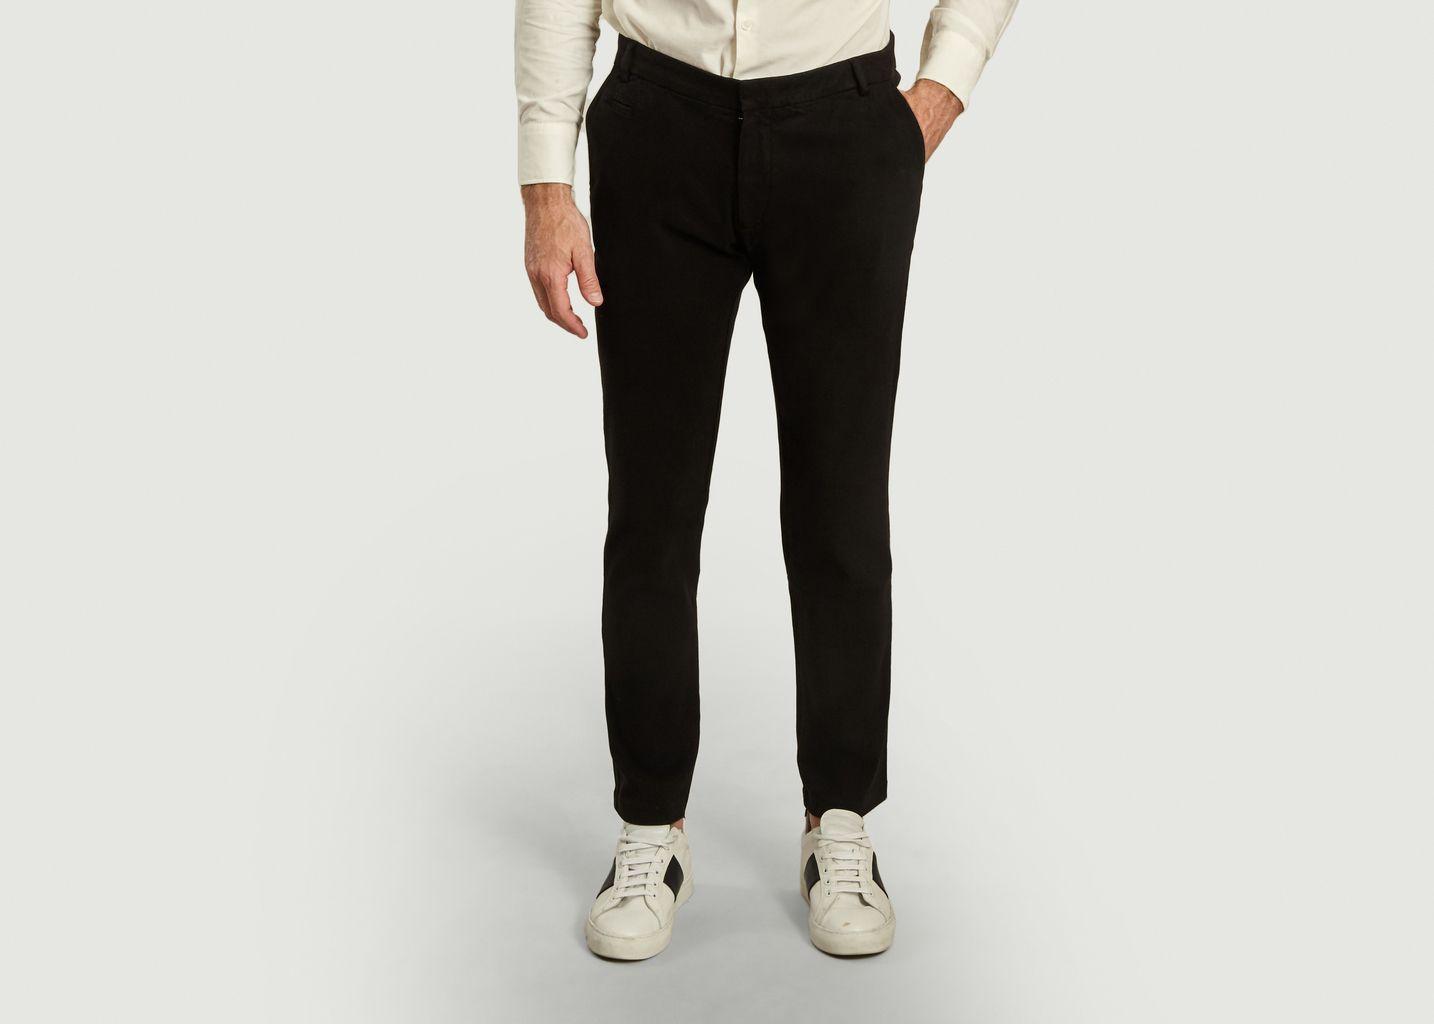 Pantalon City Pant 1 - JagVi